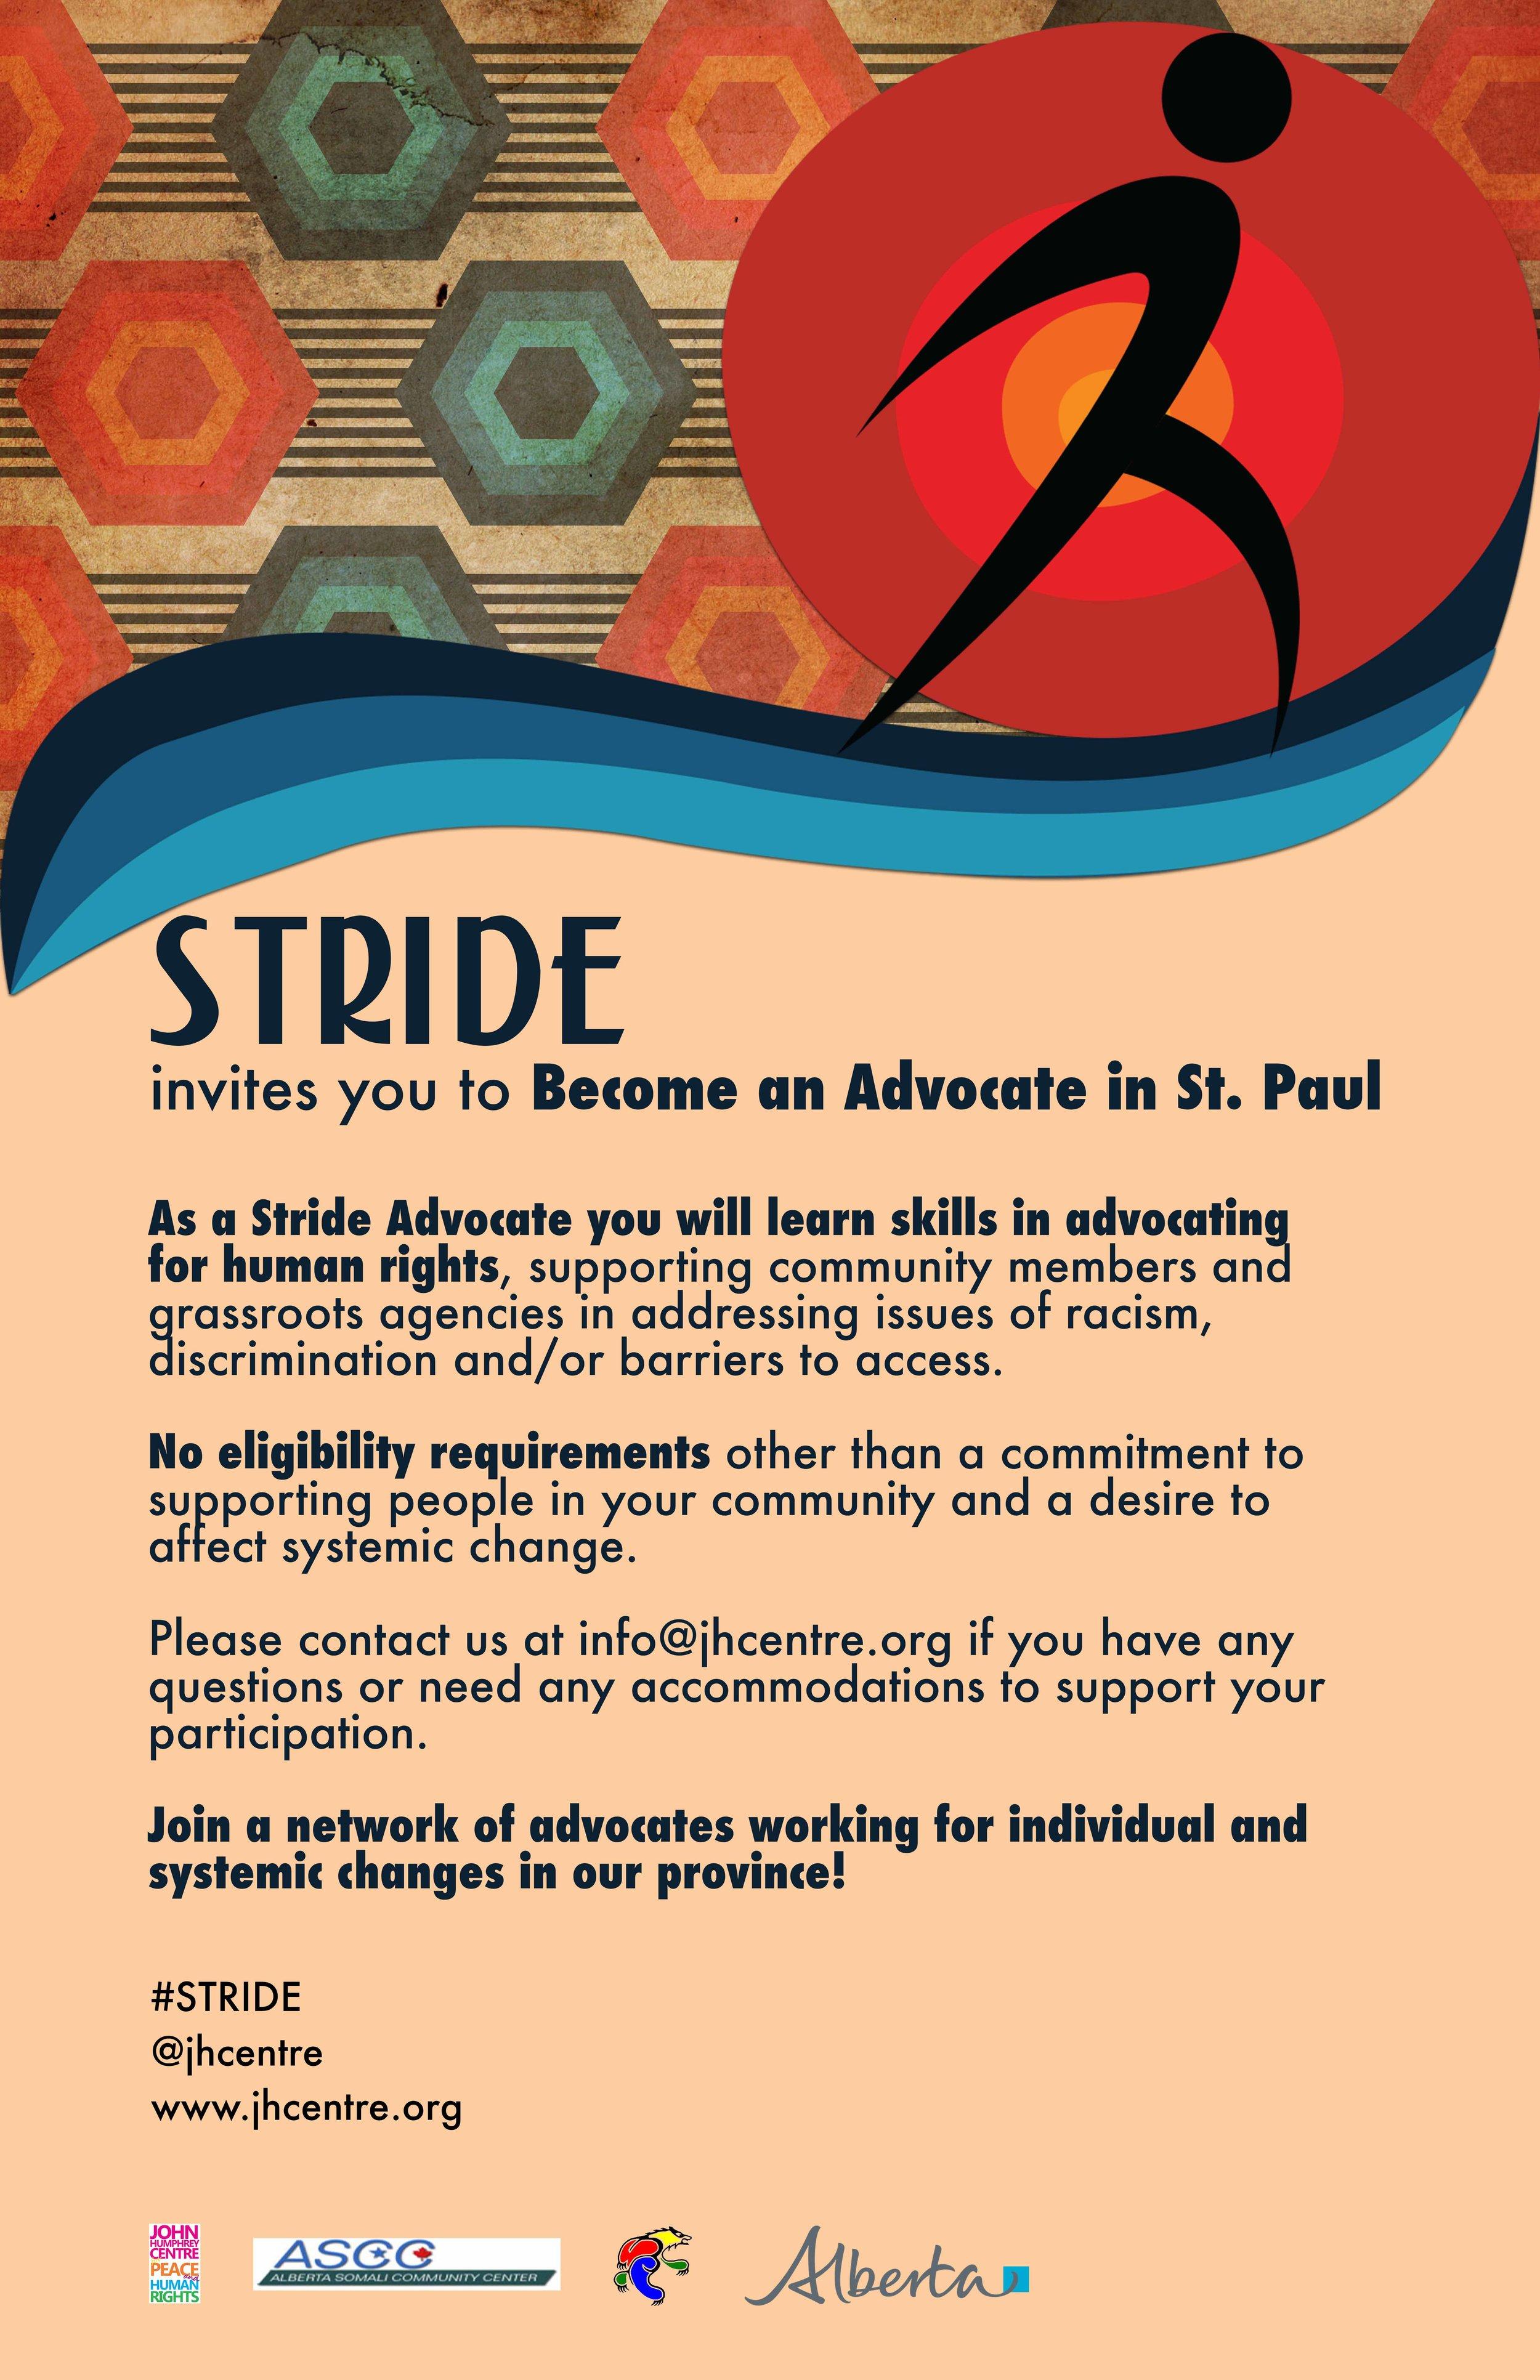 Poster-StrideAdvocate-StPaul.jpg